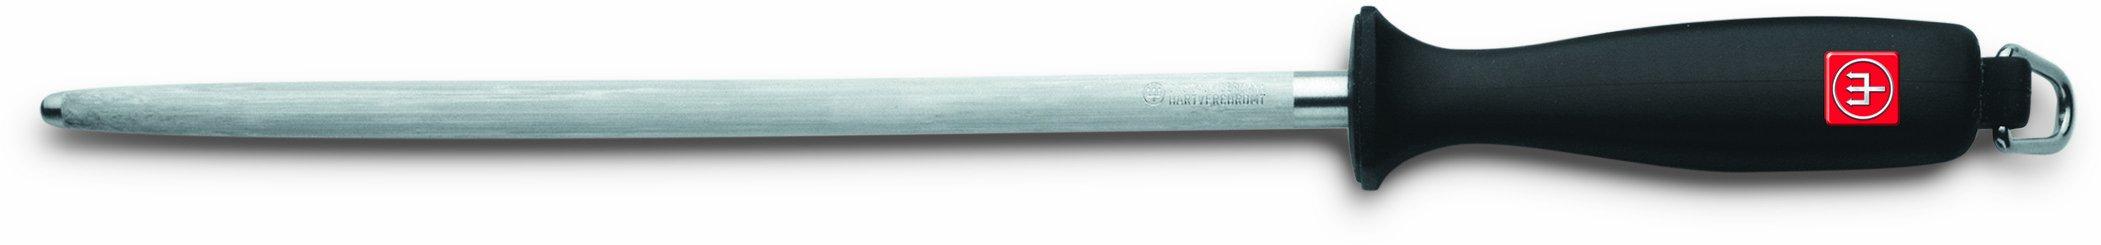 Wüsthof - 10'' Knife Sharpening Steel with Loop